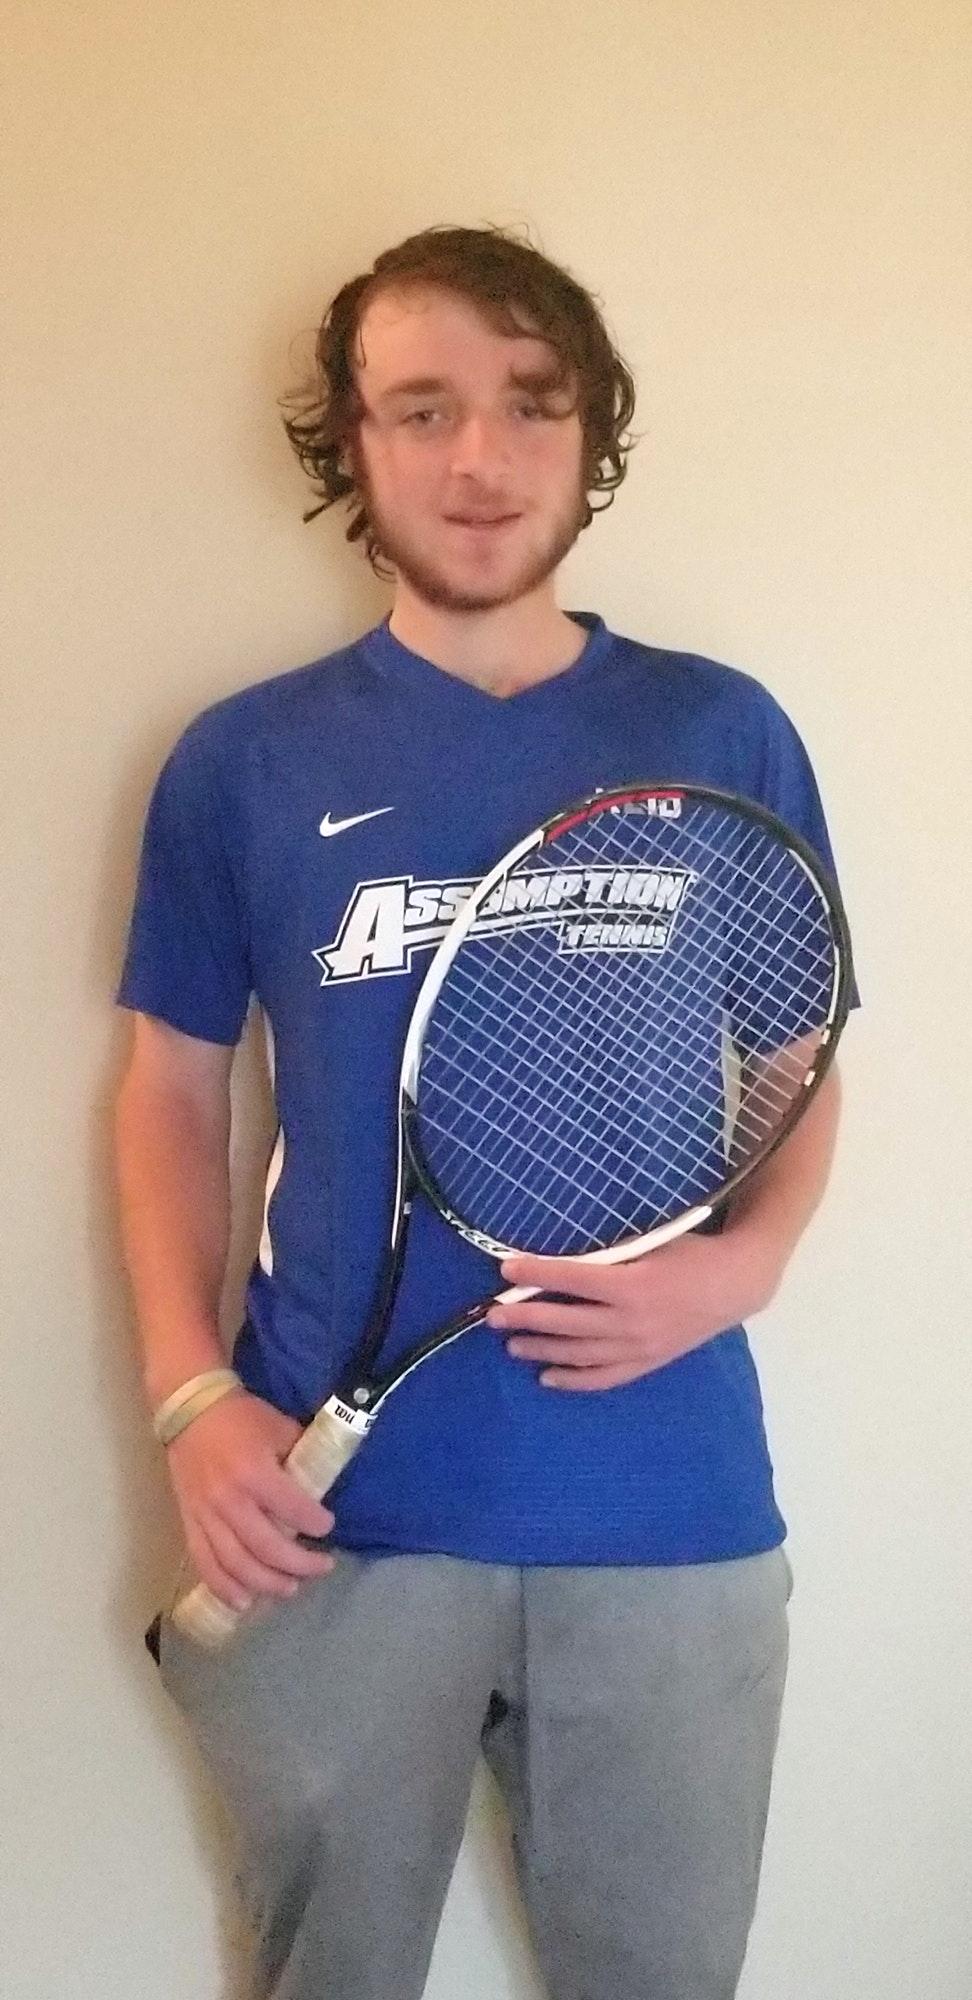 Luke A. teaches tennis lessons in Greenville, RI